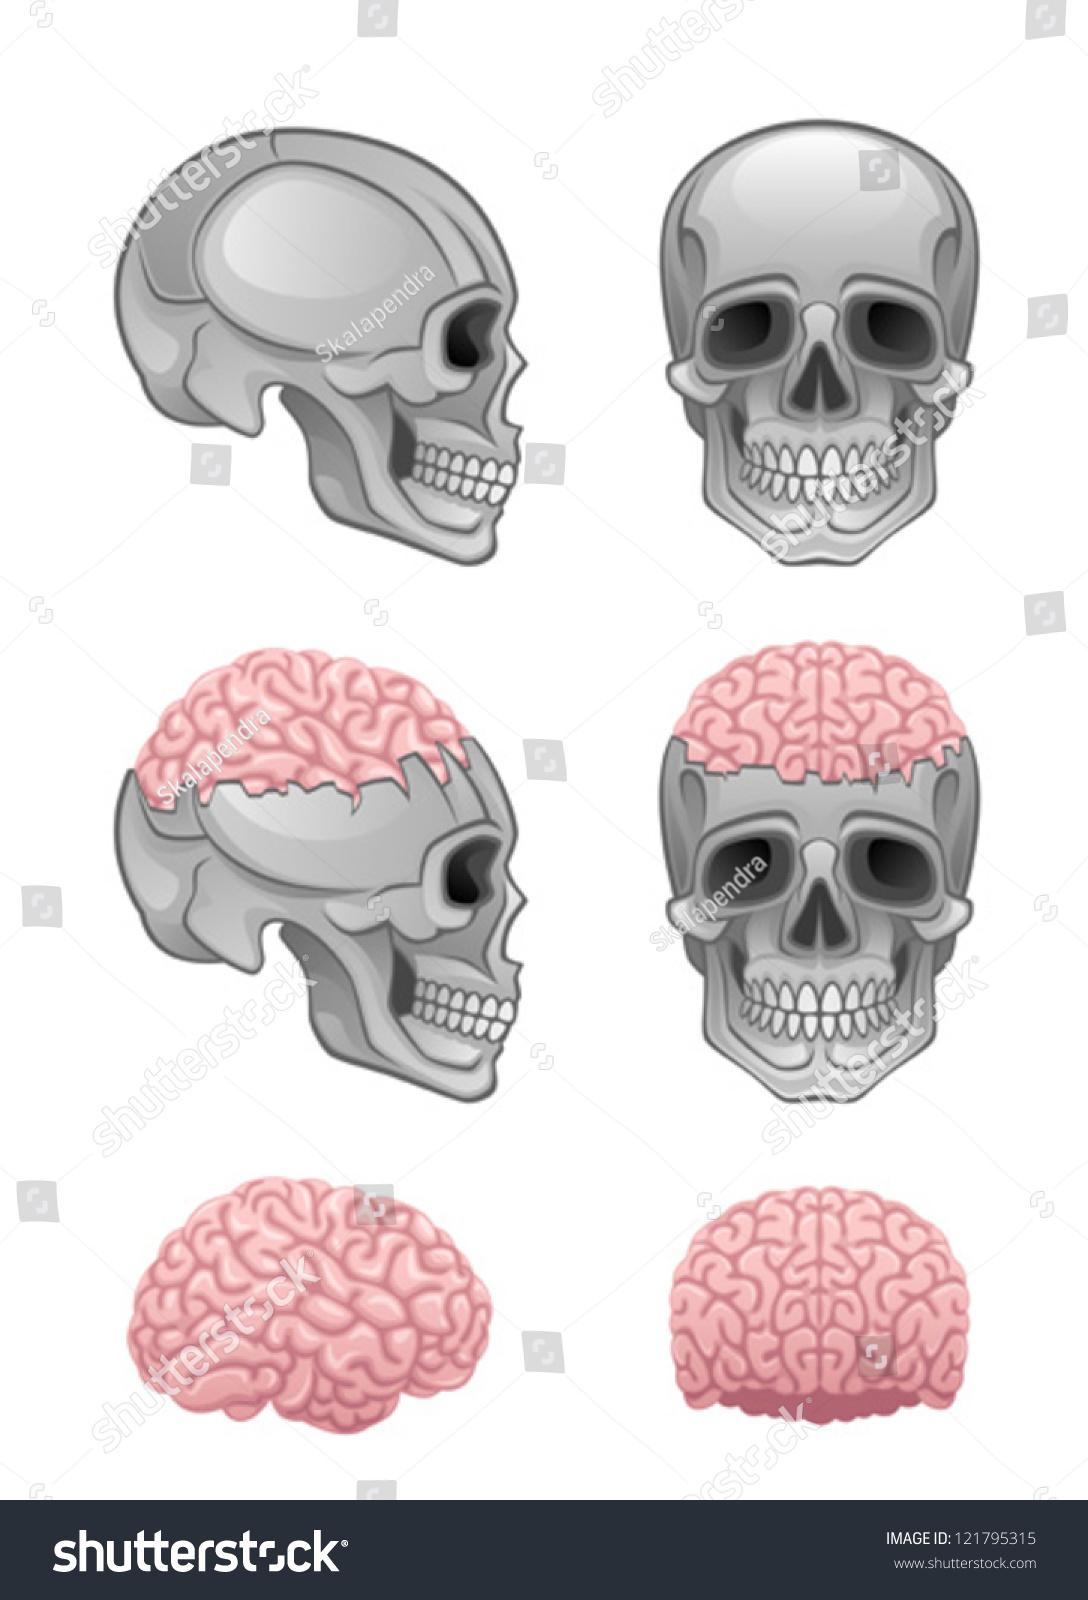 Brain Skull Stock Vector 121795315 - Shutterstock